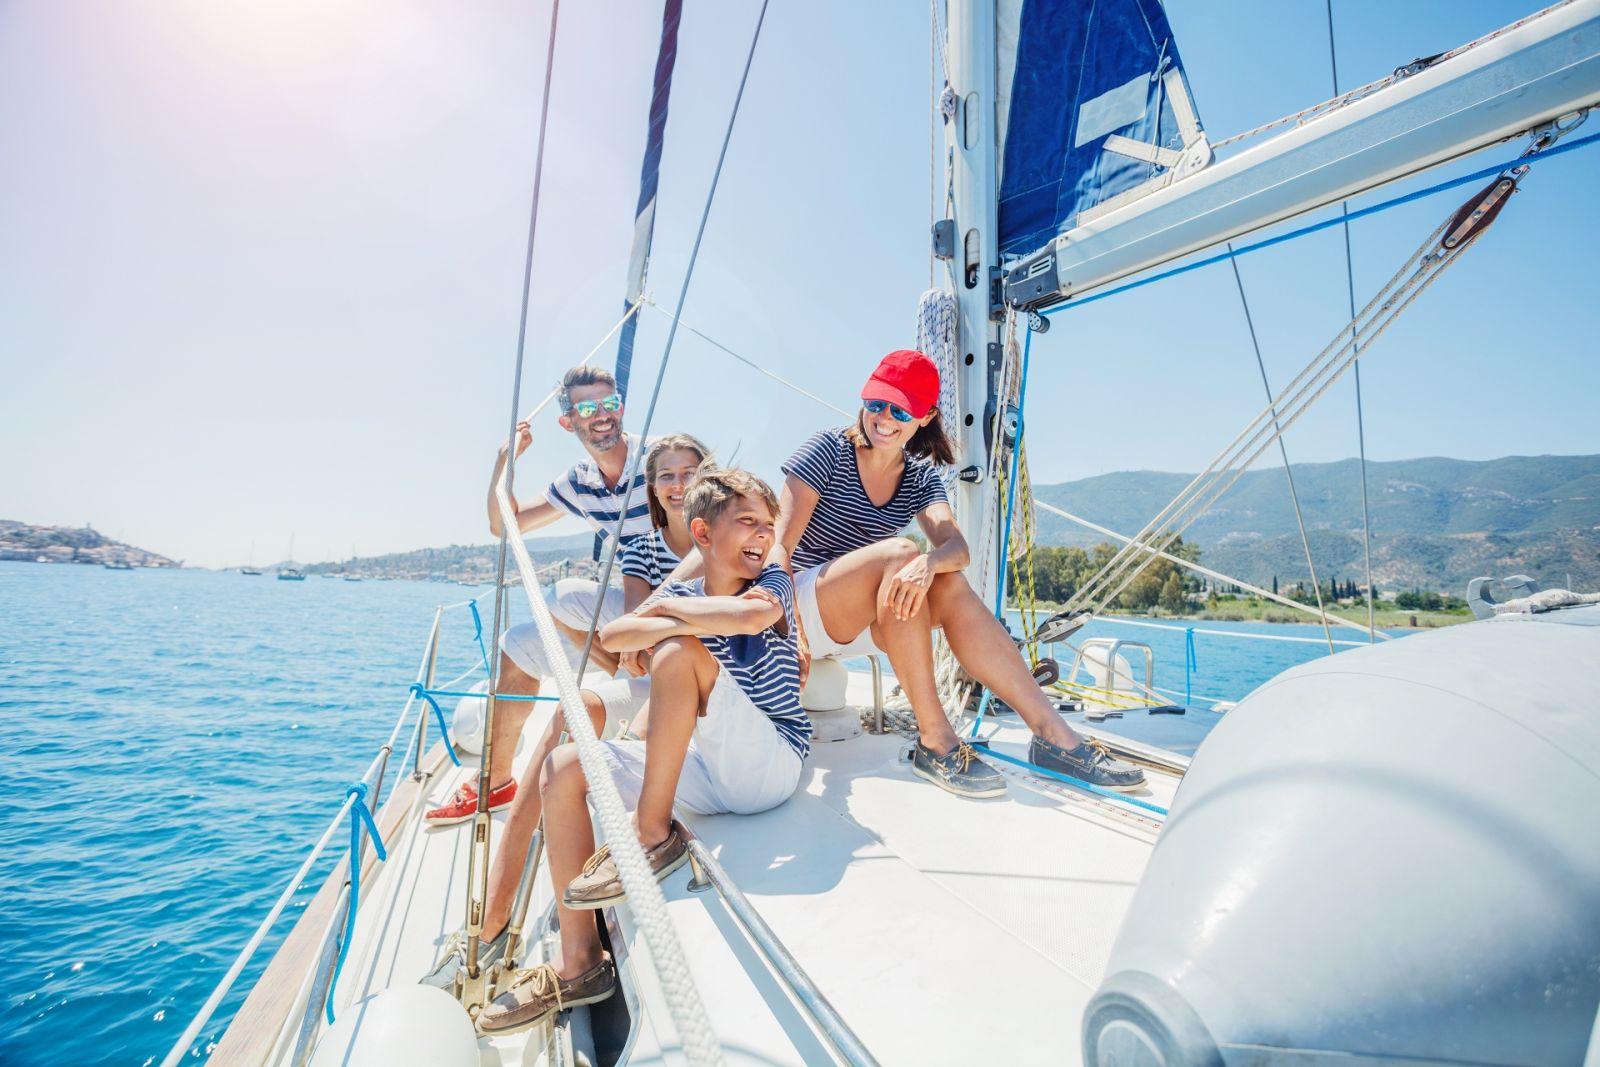 Mit der Familie das Segelerlebnis genießen. Der Skipper bringt Sie zu Ihren Lieblingszielen. ©Max_Topchii/AdobeStock